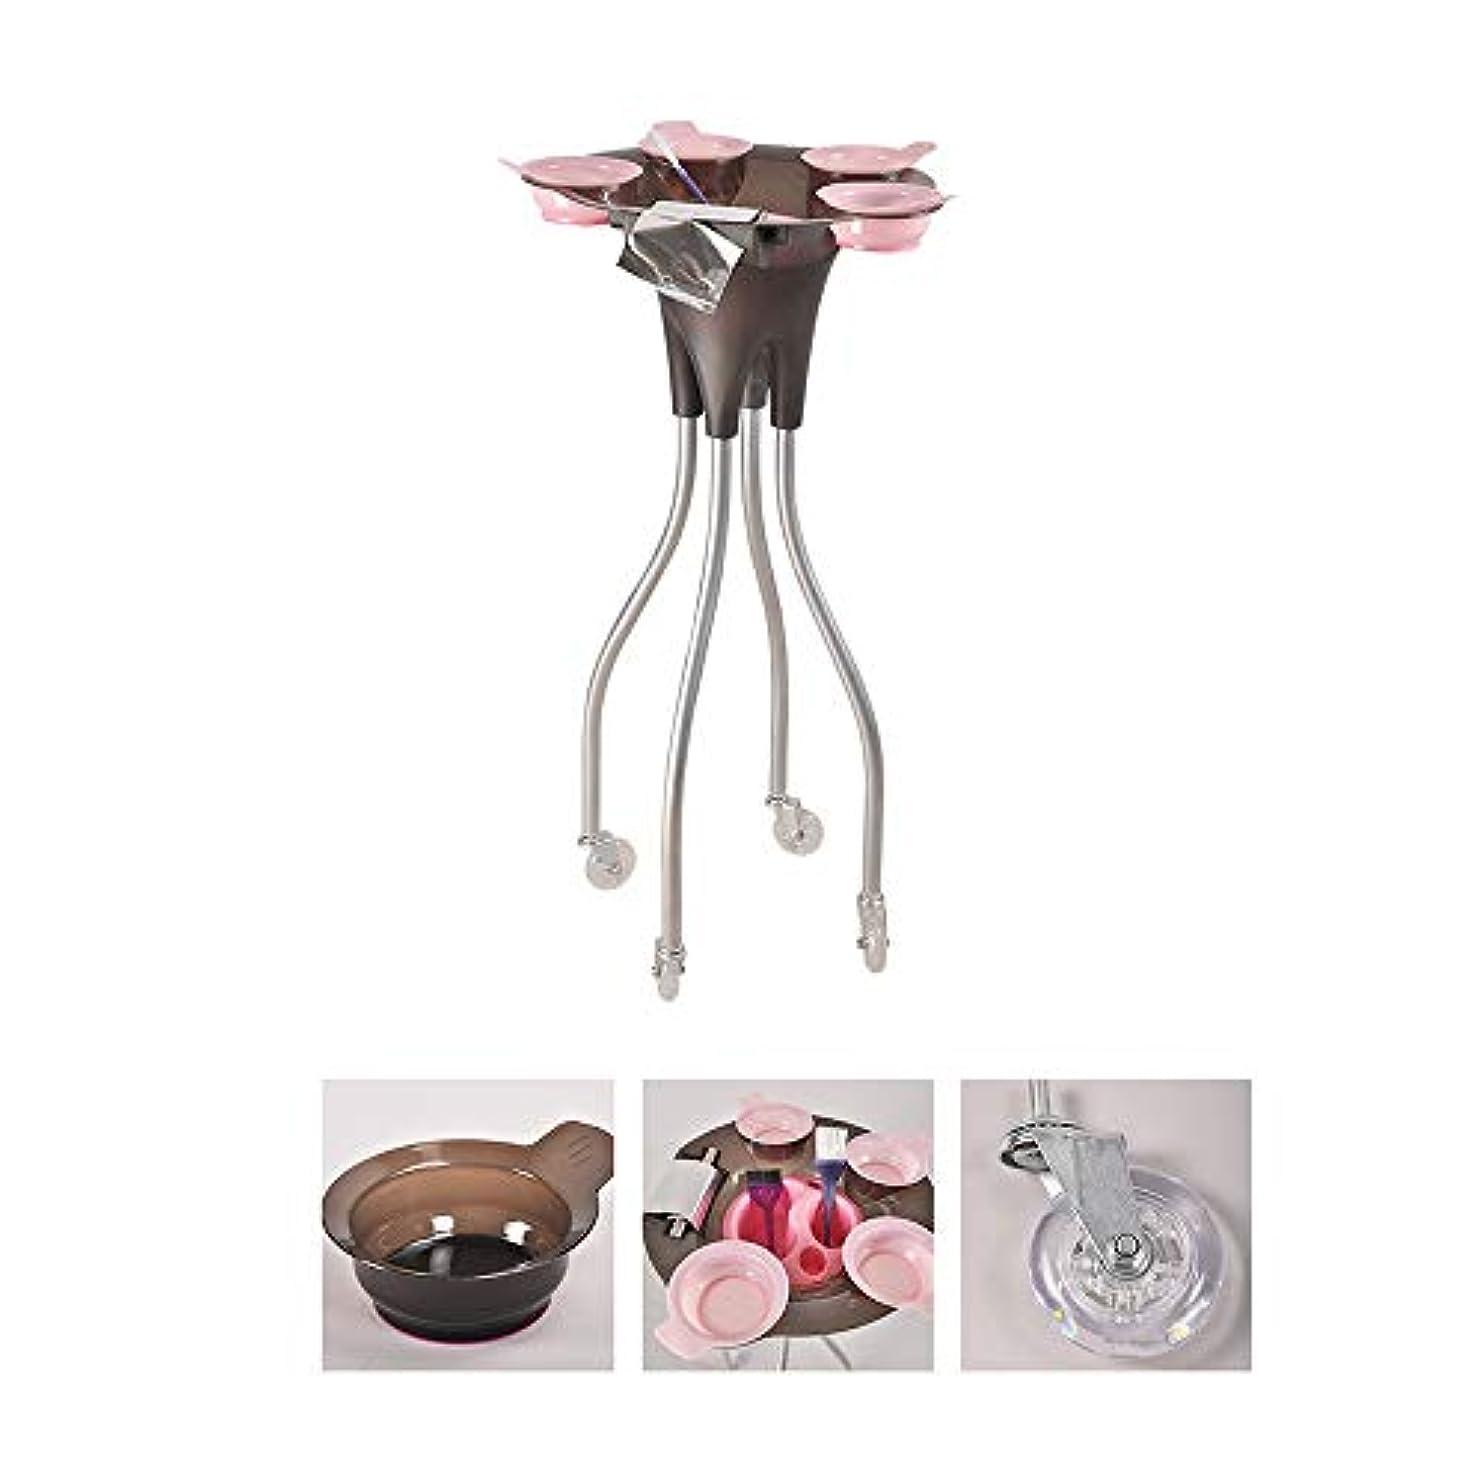 家具耐える企業4つの車輪が付いている大広間の美容院のトロリー、毛色の染料のボールが付いている美の皿の携帯用実用的なカート、SPAの貯蔵の毛の付属品のホールダー